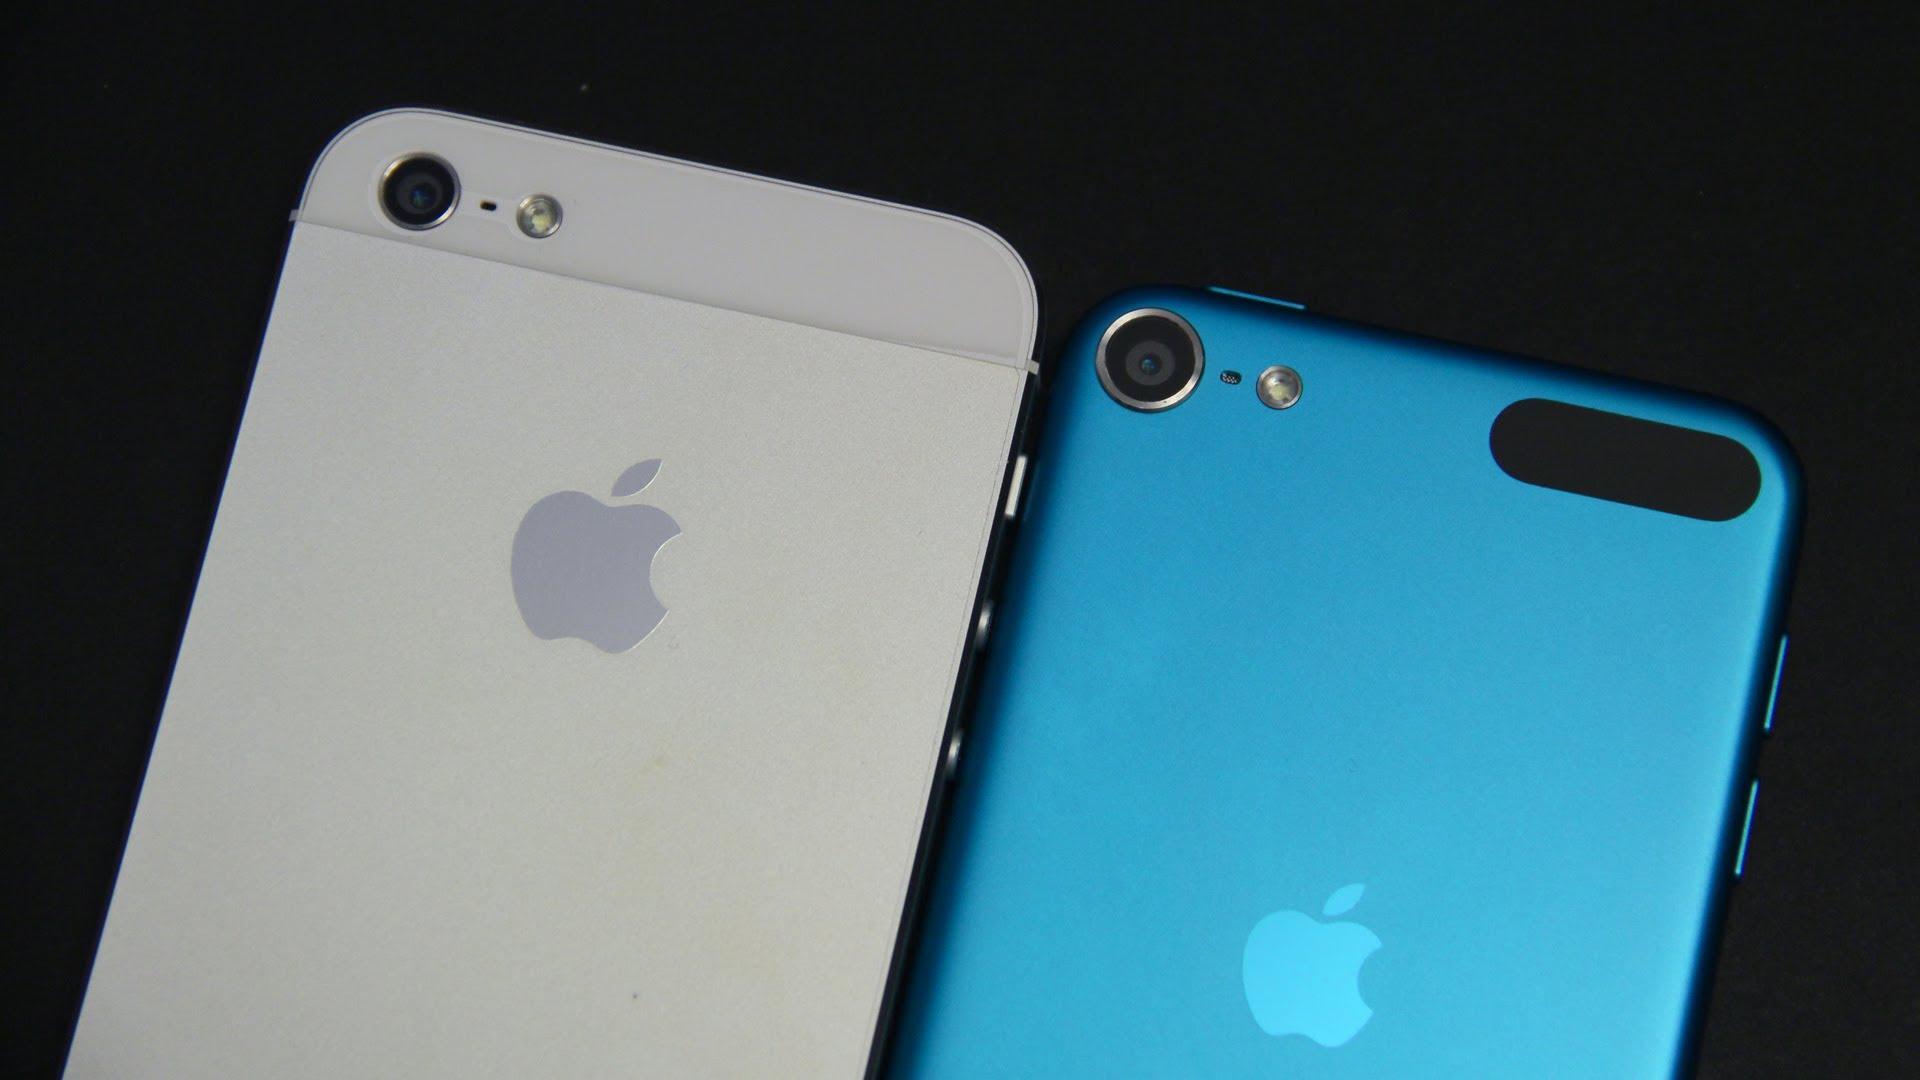 fbi iPhone ipod